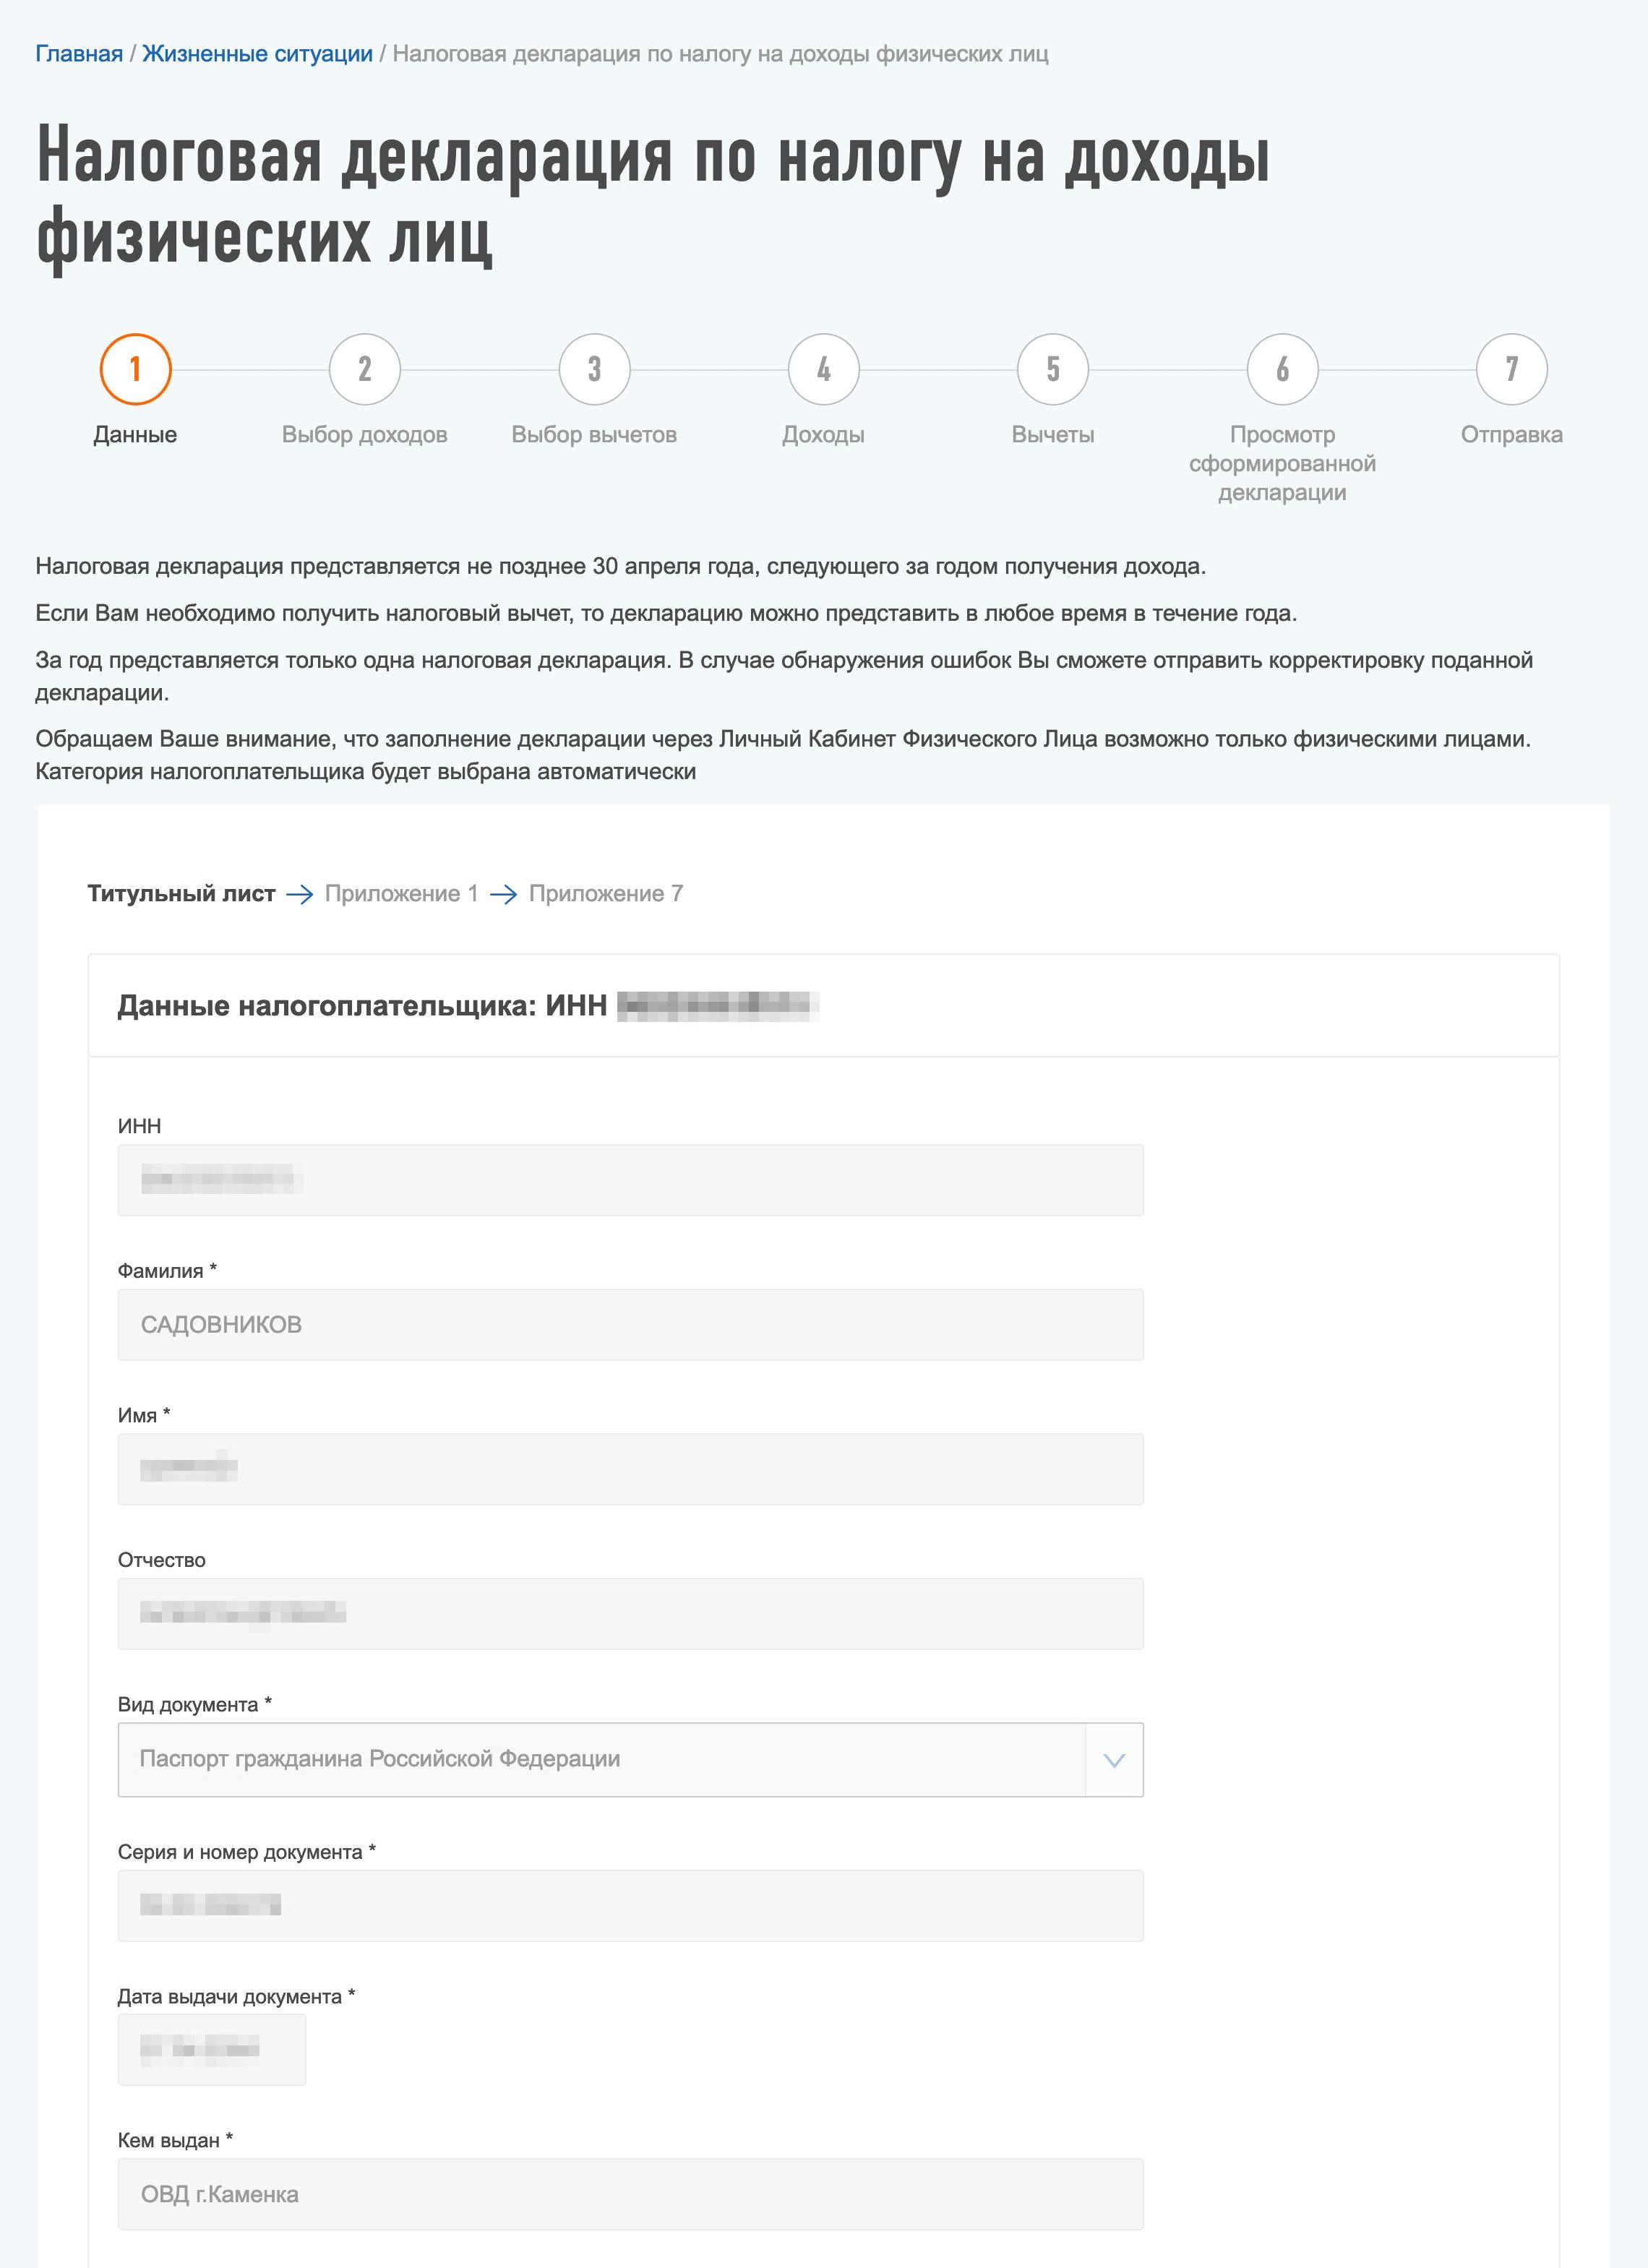 Первый шаг заполнения декларации на сайте — общие данные. Данные автоматически сохраняются. Если нужно прерваться, заполнять декларацию можно продолжить в любой момент. Для этого страницу с выбором способа подачи декларации нужно пролистать вниз и в разделе «Мои декларации» выбрать декларацию, которую нужно дозаполнить